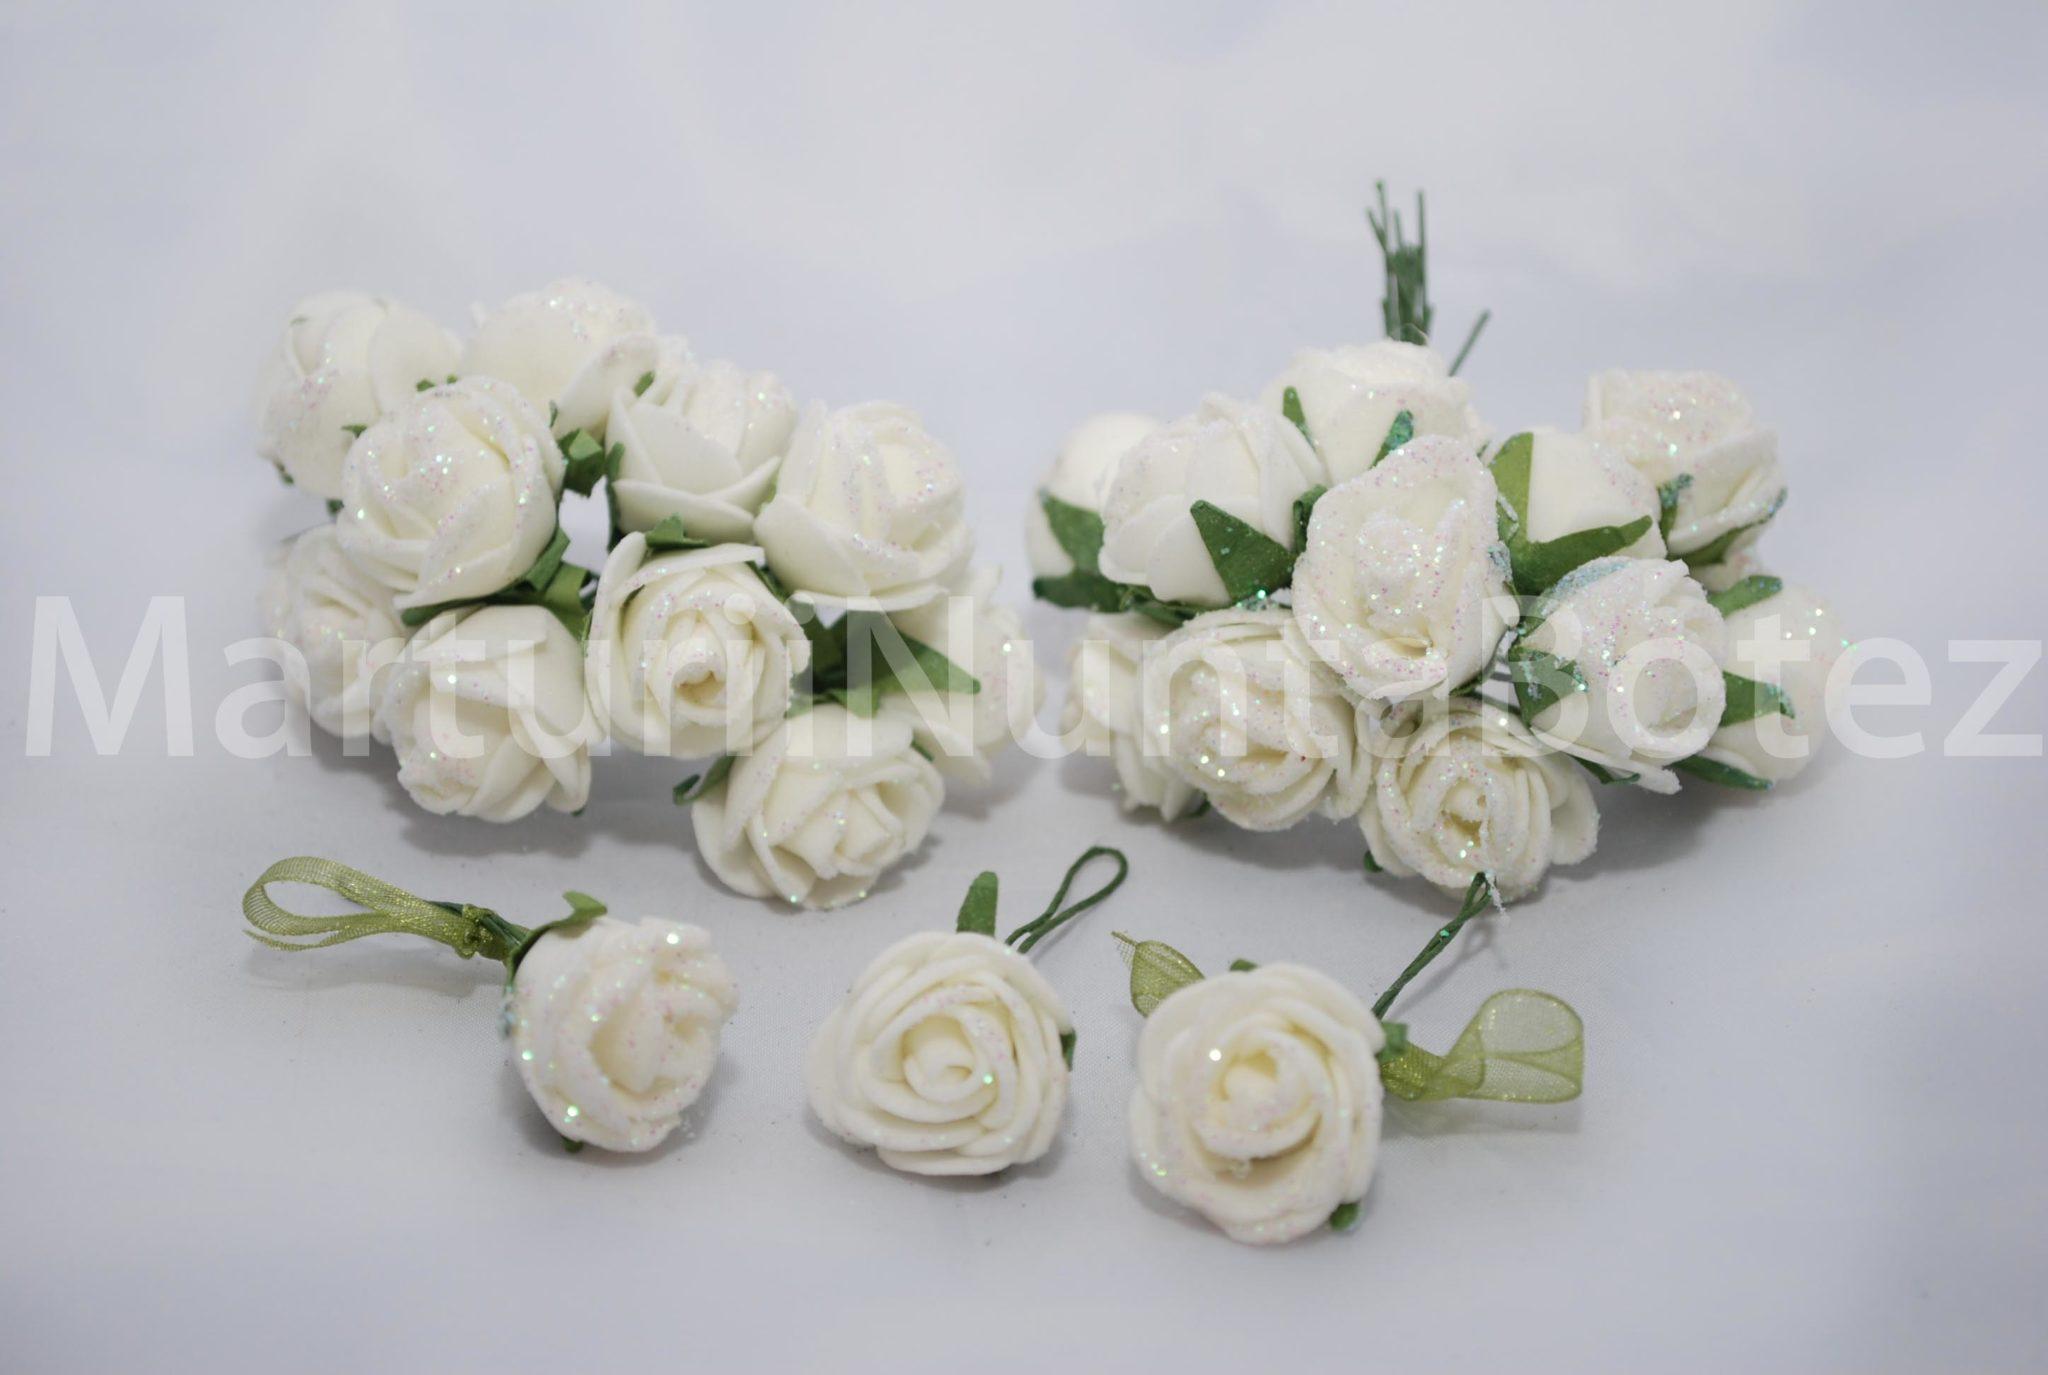 marturii_nunta_cocarde_cu_sclipici5